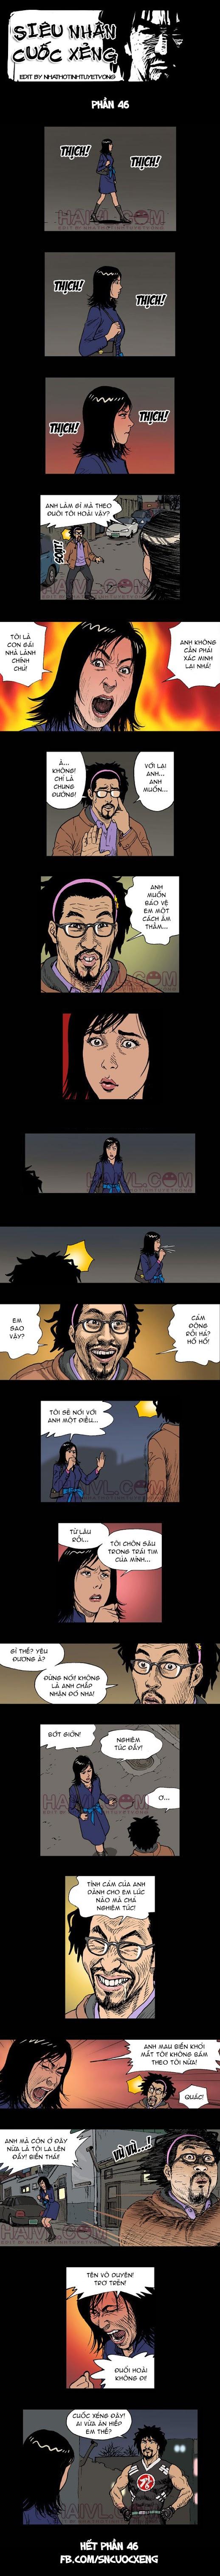 Siêu nhân Cuốc Xẻng (full bộ) phần 46